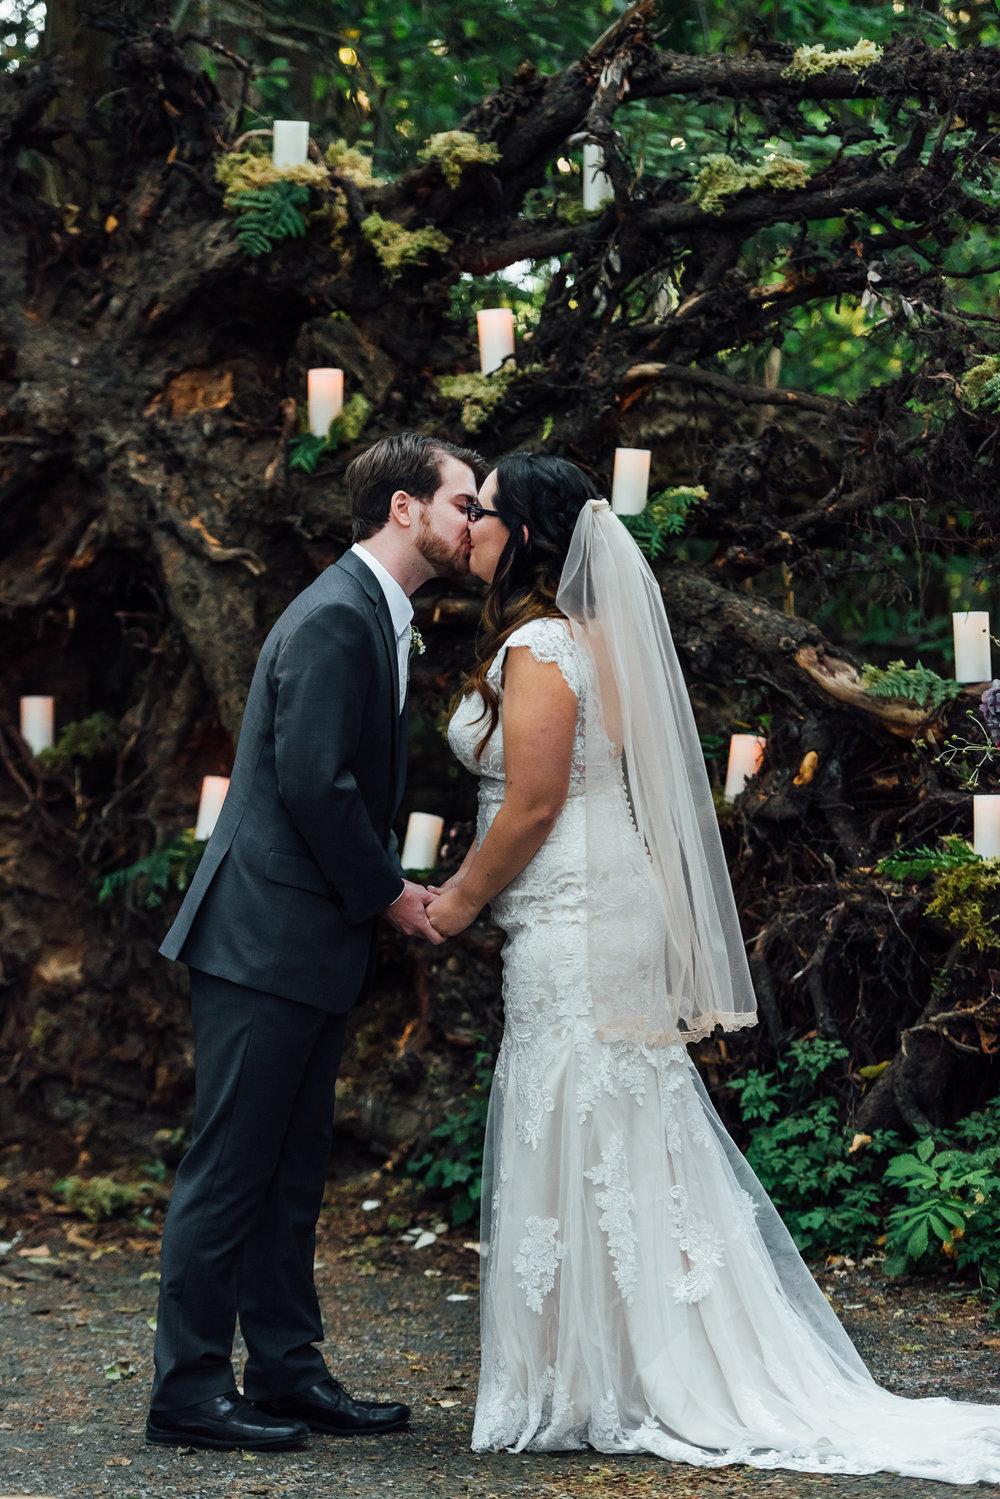 Nicola_Reiersen_Photography_Sea_Cider_Forest_Wedding (79).jpg